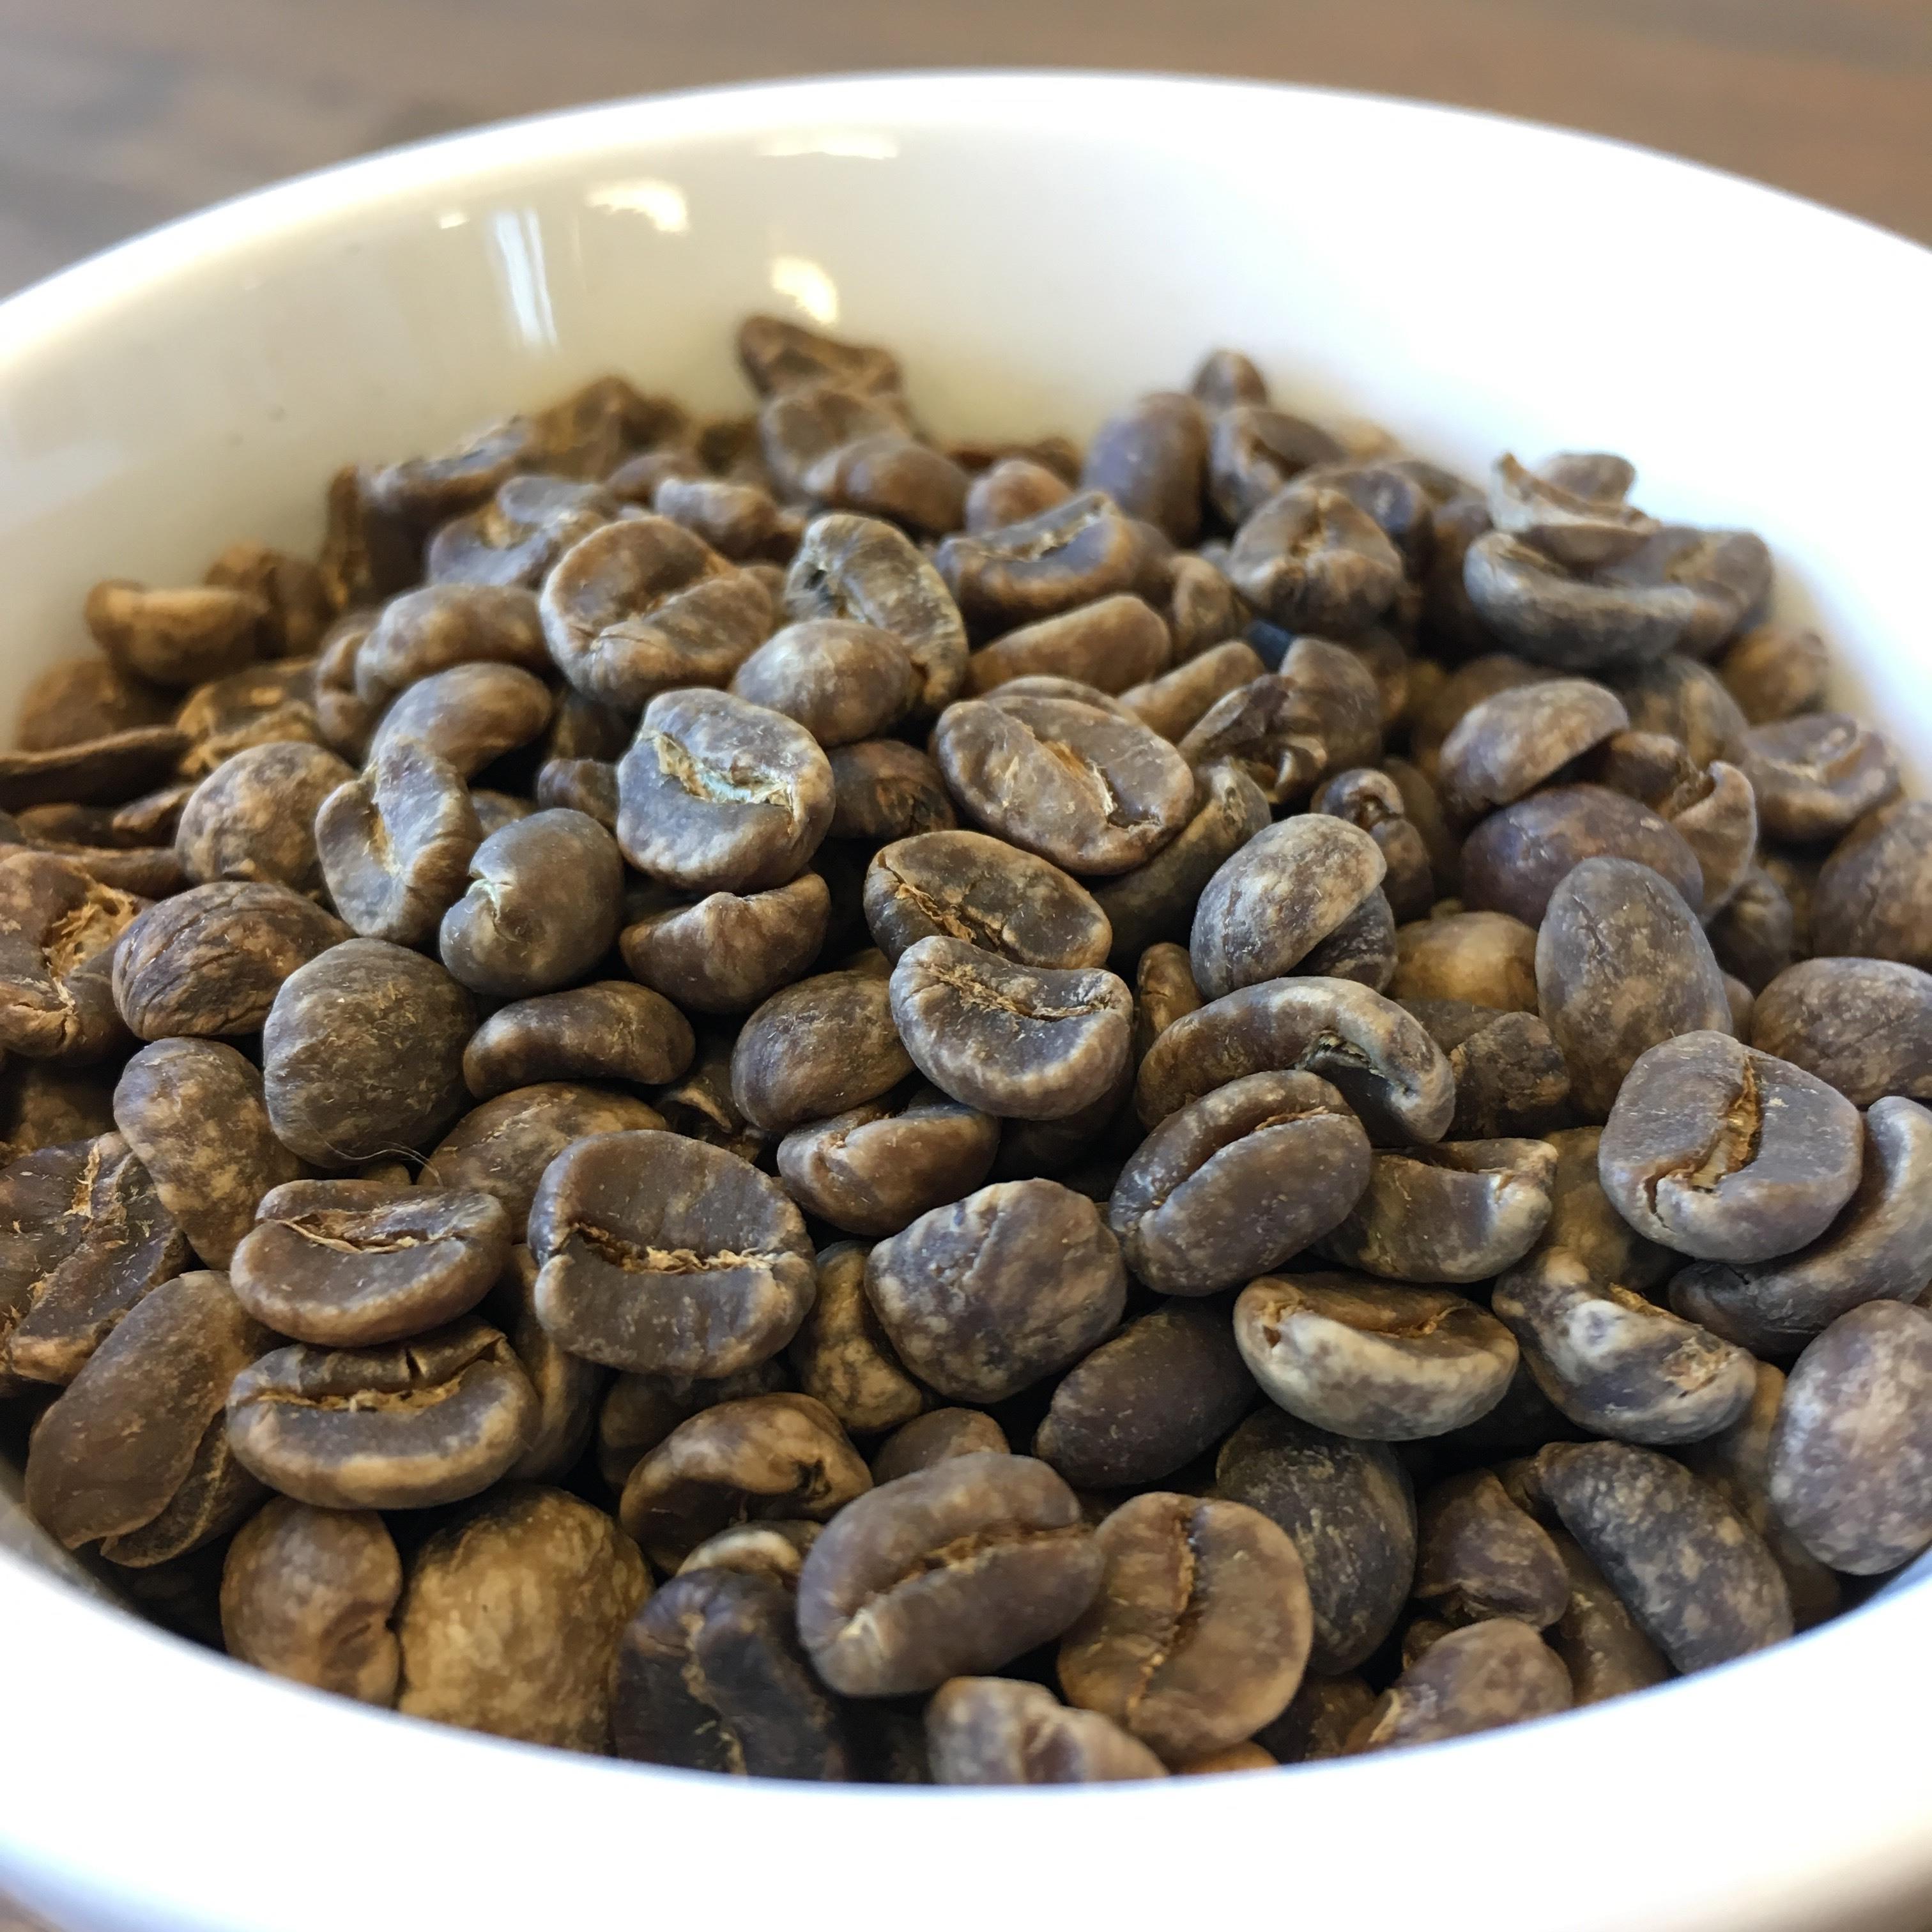 【コーヒー生豆・1kg】デカフェ メキシコ チアパス マウンテンウォーター製法 有機JAS認証 MEXICO Decafe